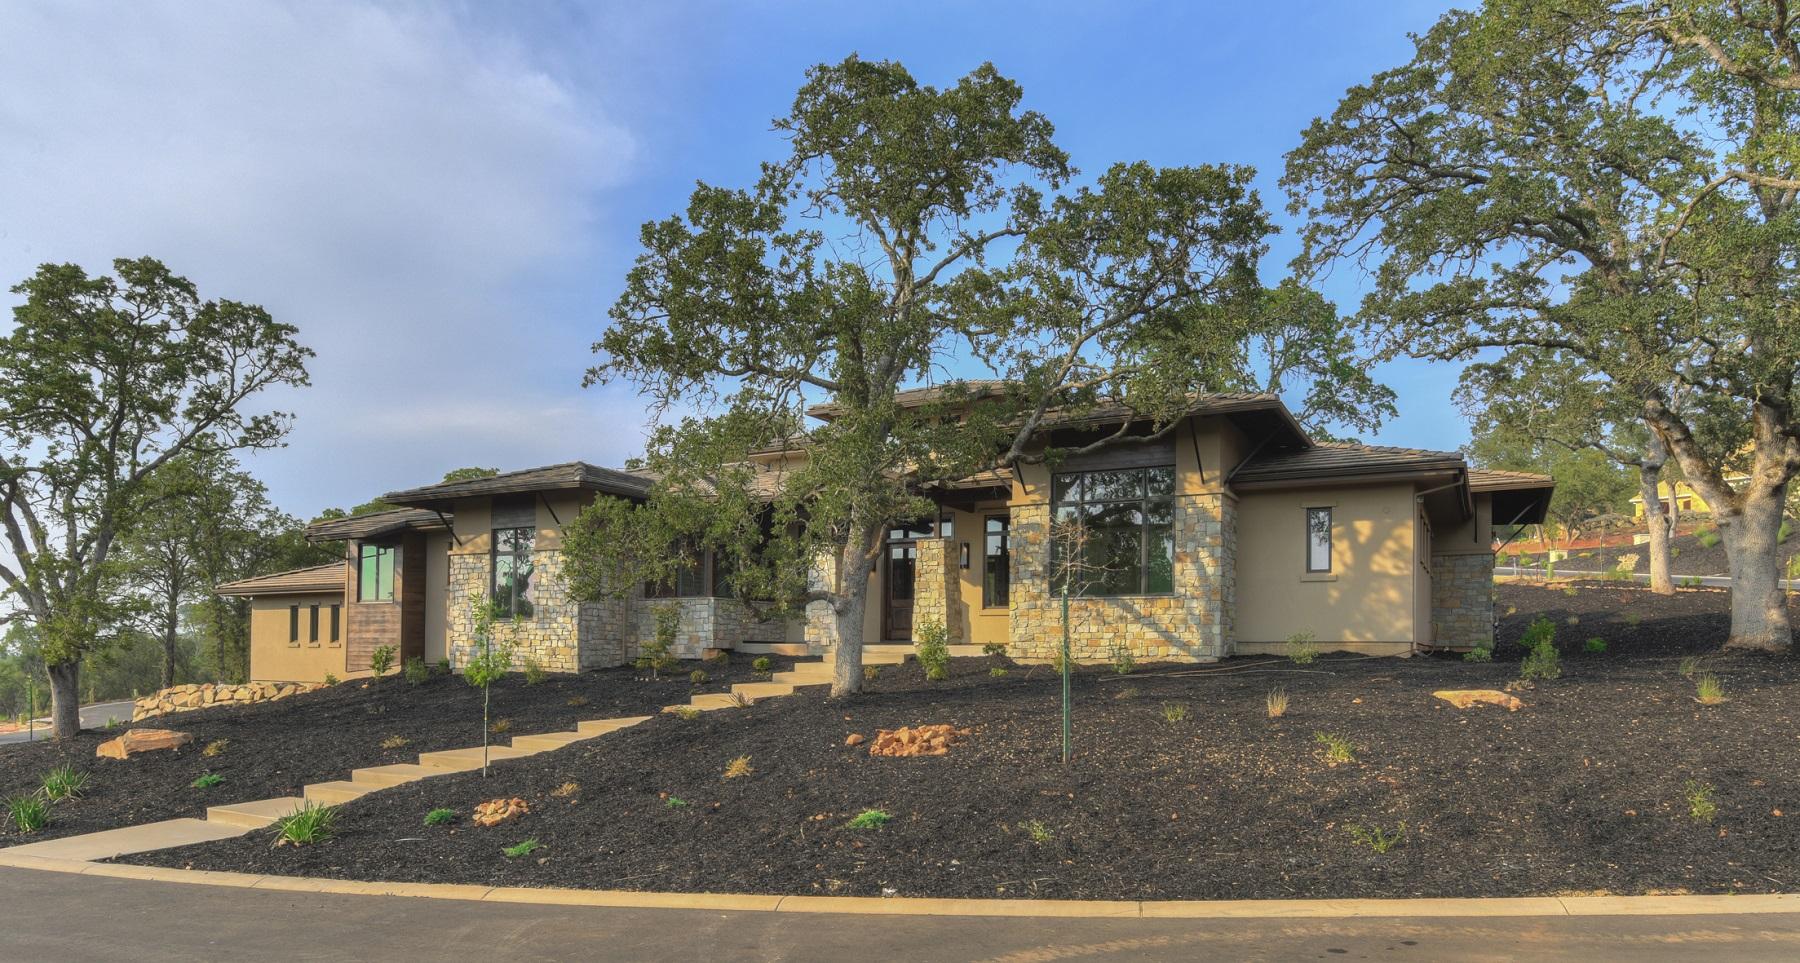 一戸建て のために 売買 アット 719 Da Vinci Ct, El Dorado Hills, CA 95762 El Dorado Hills, カリフォルニア 95762 アメリカ合衆国